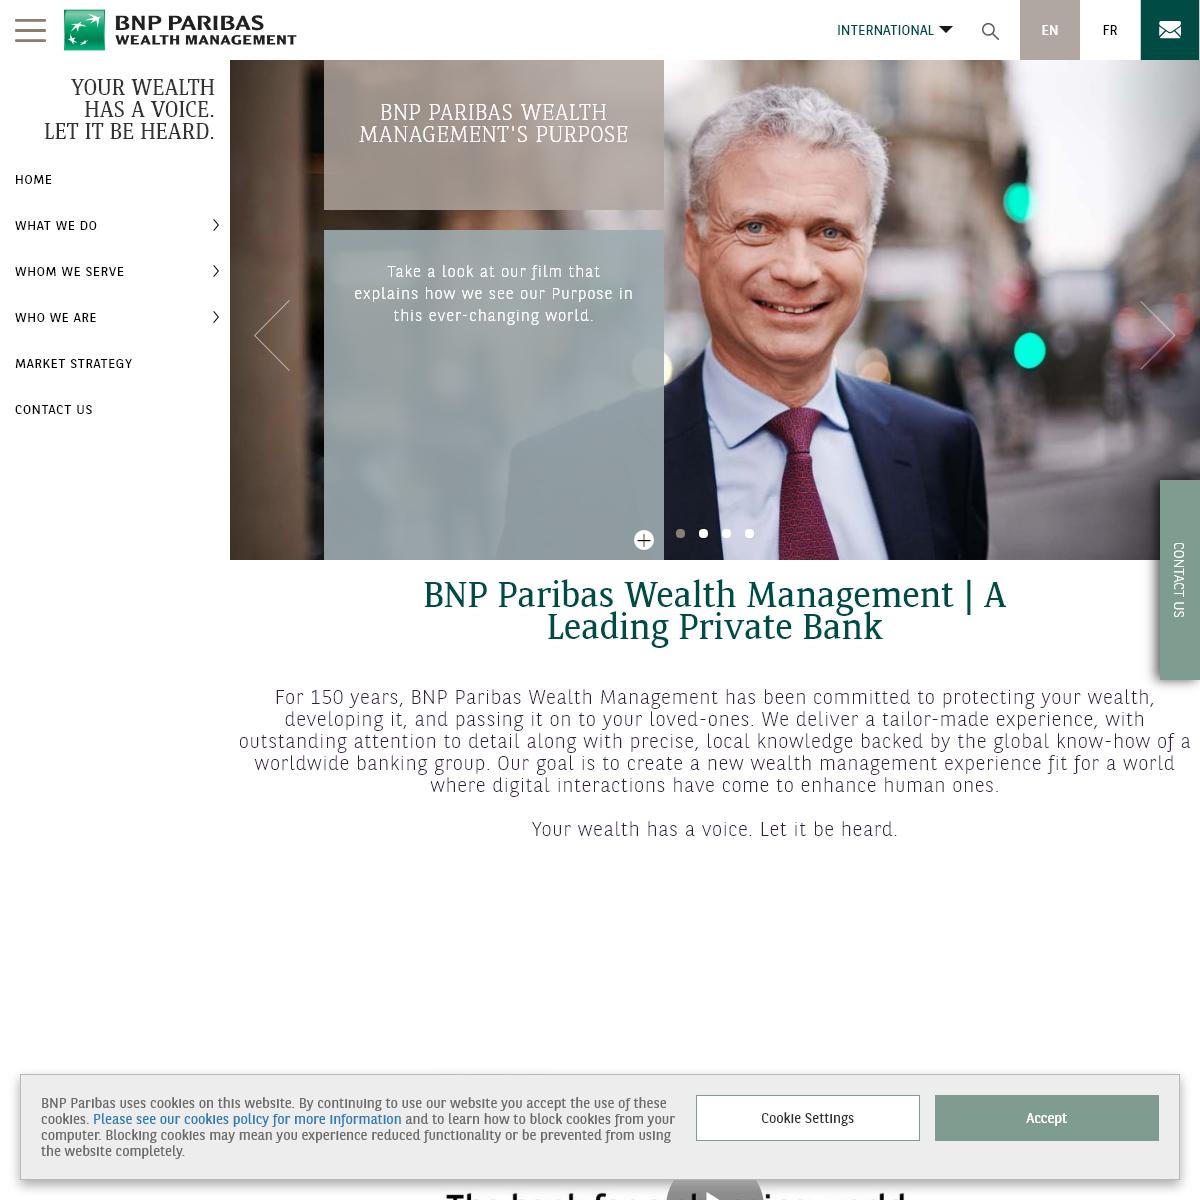 BNP Paribas Wealth Management - A Leading Private Bank